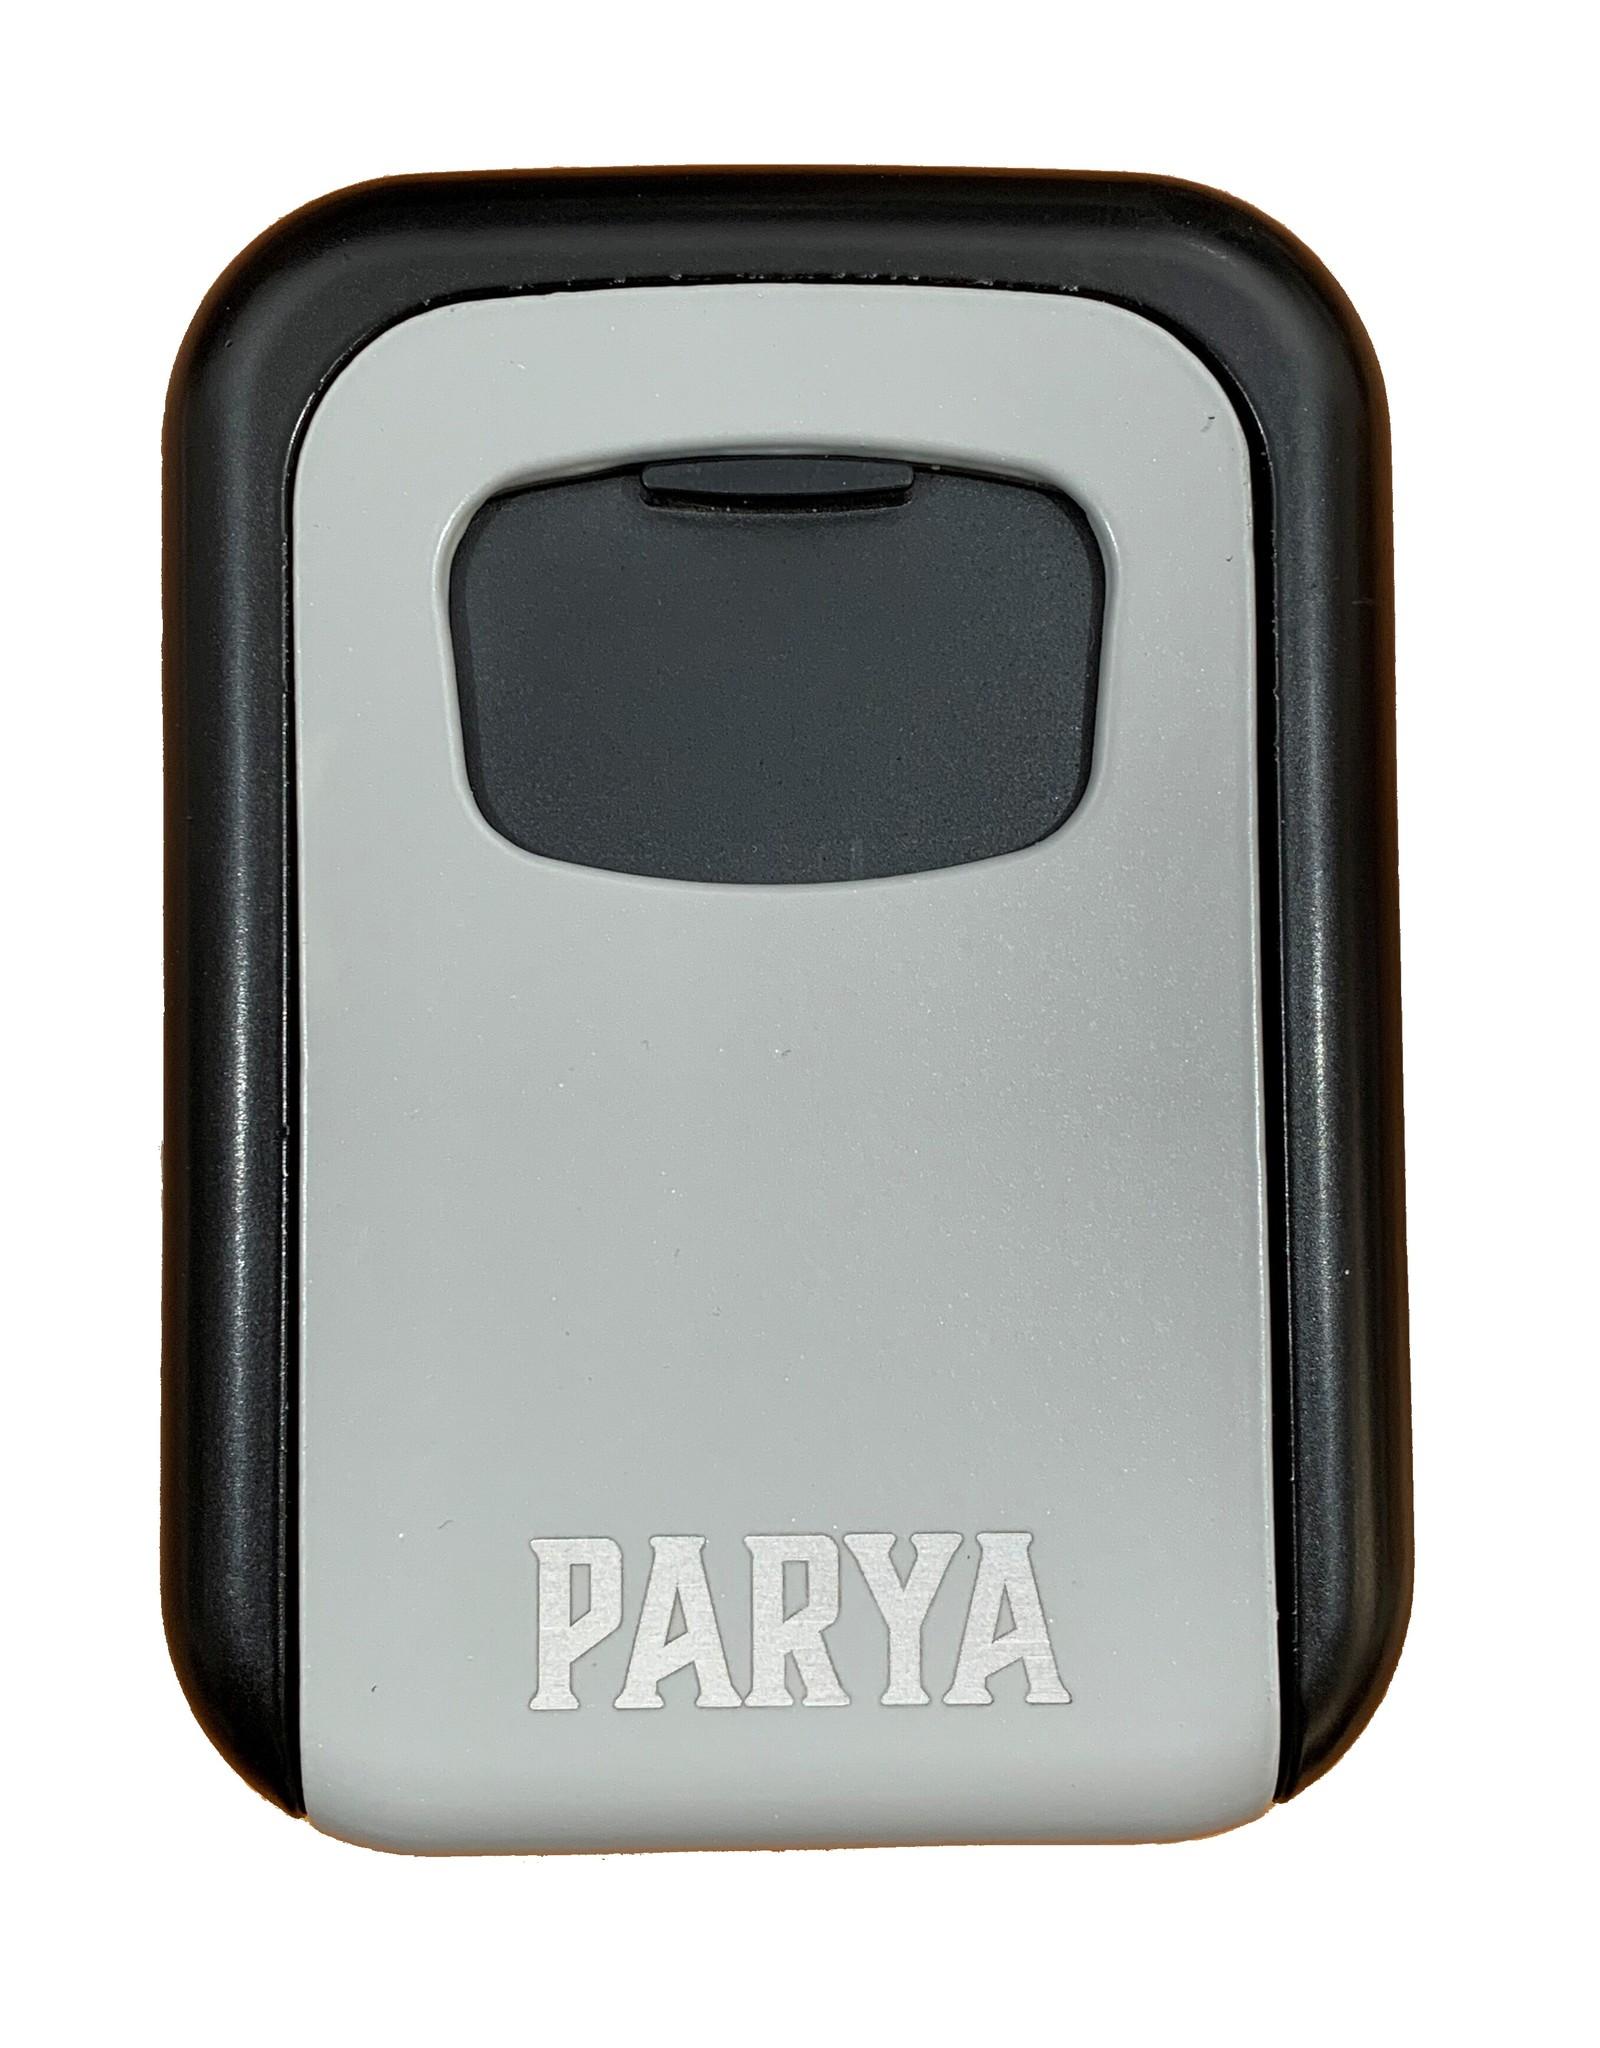 Parya Official  Sleutelkluis met 4-cijferige code